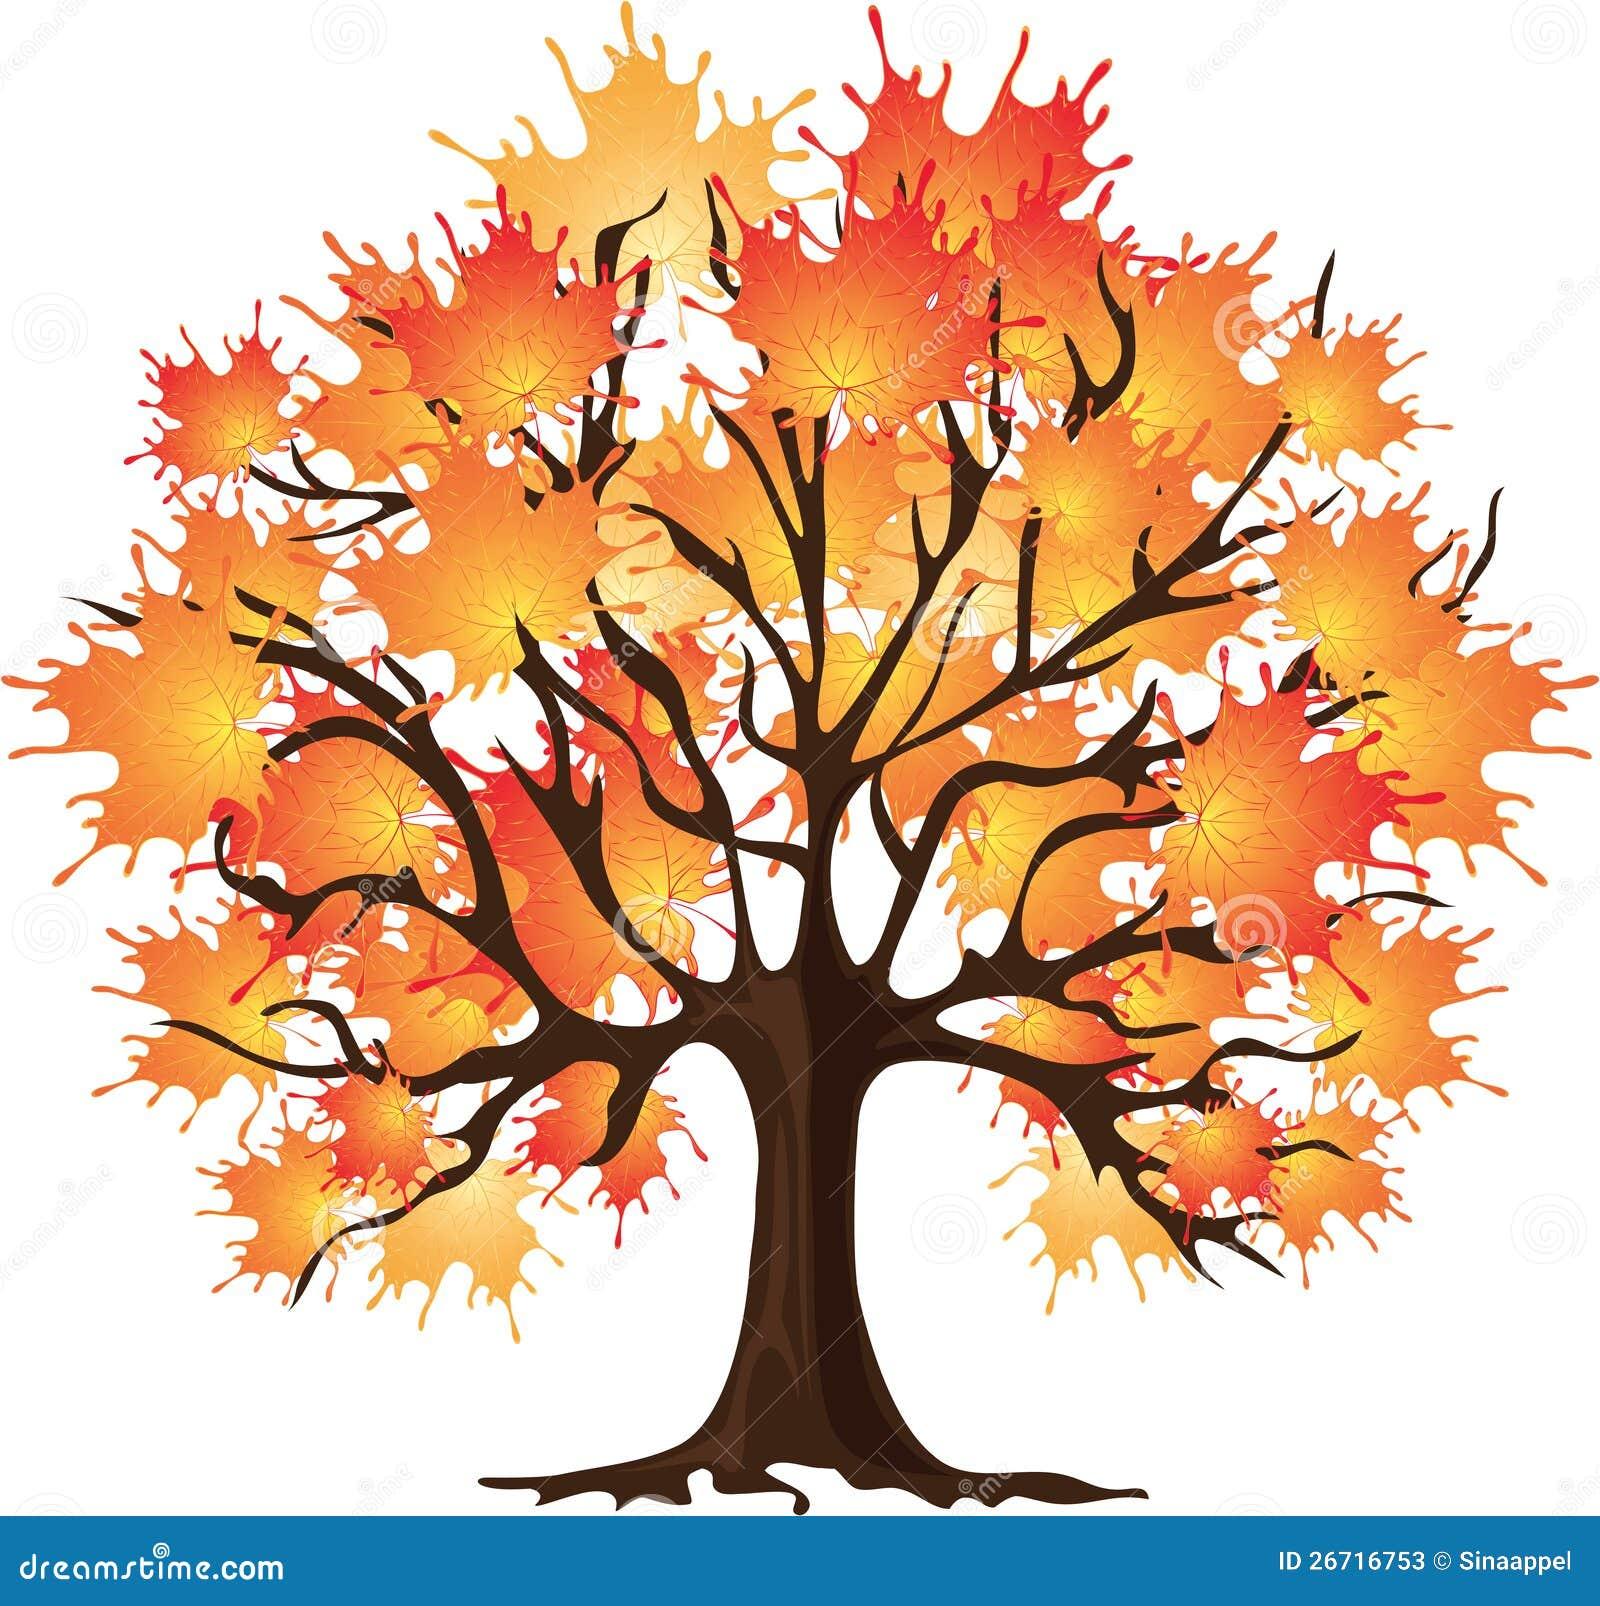 autumn tree clipart - photo #41